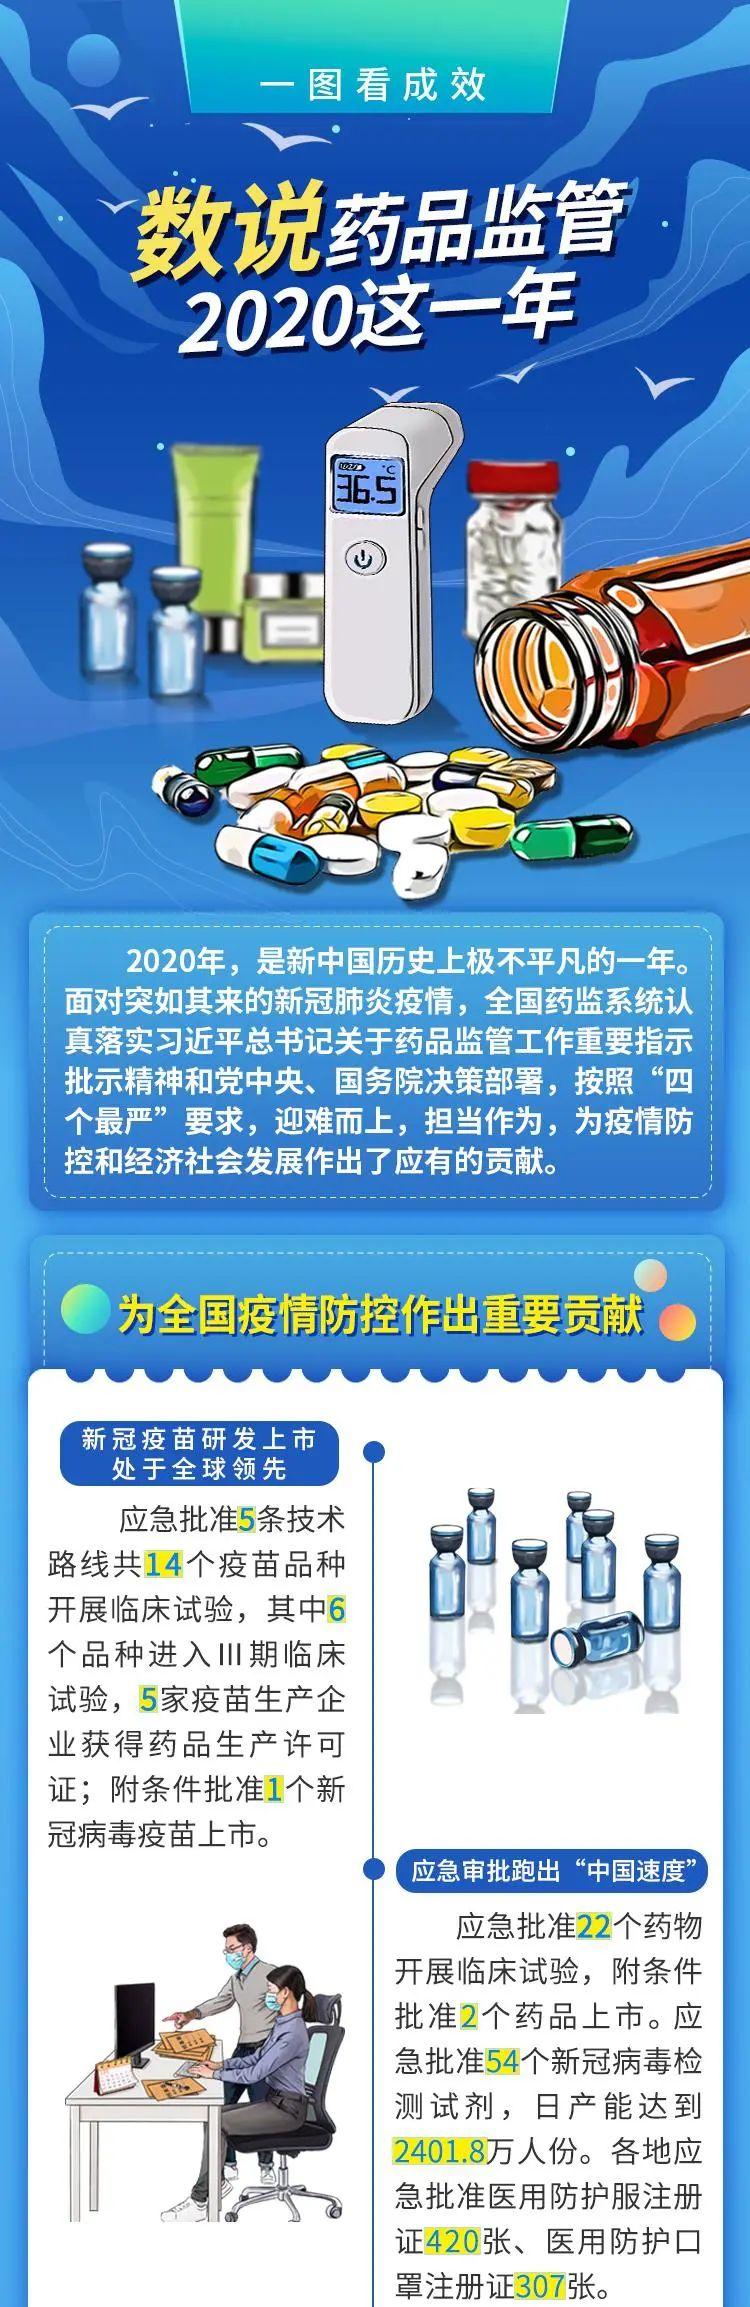 一图看懂 | 药品监管的2020和2021